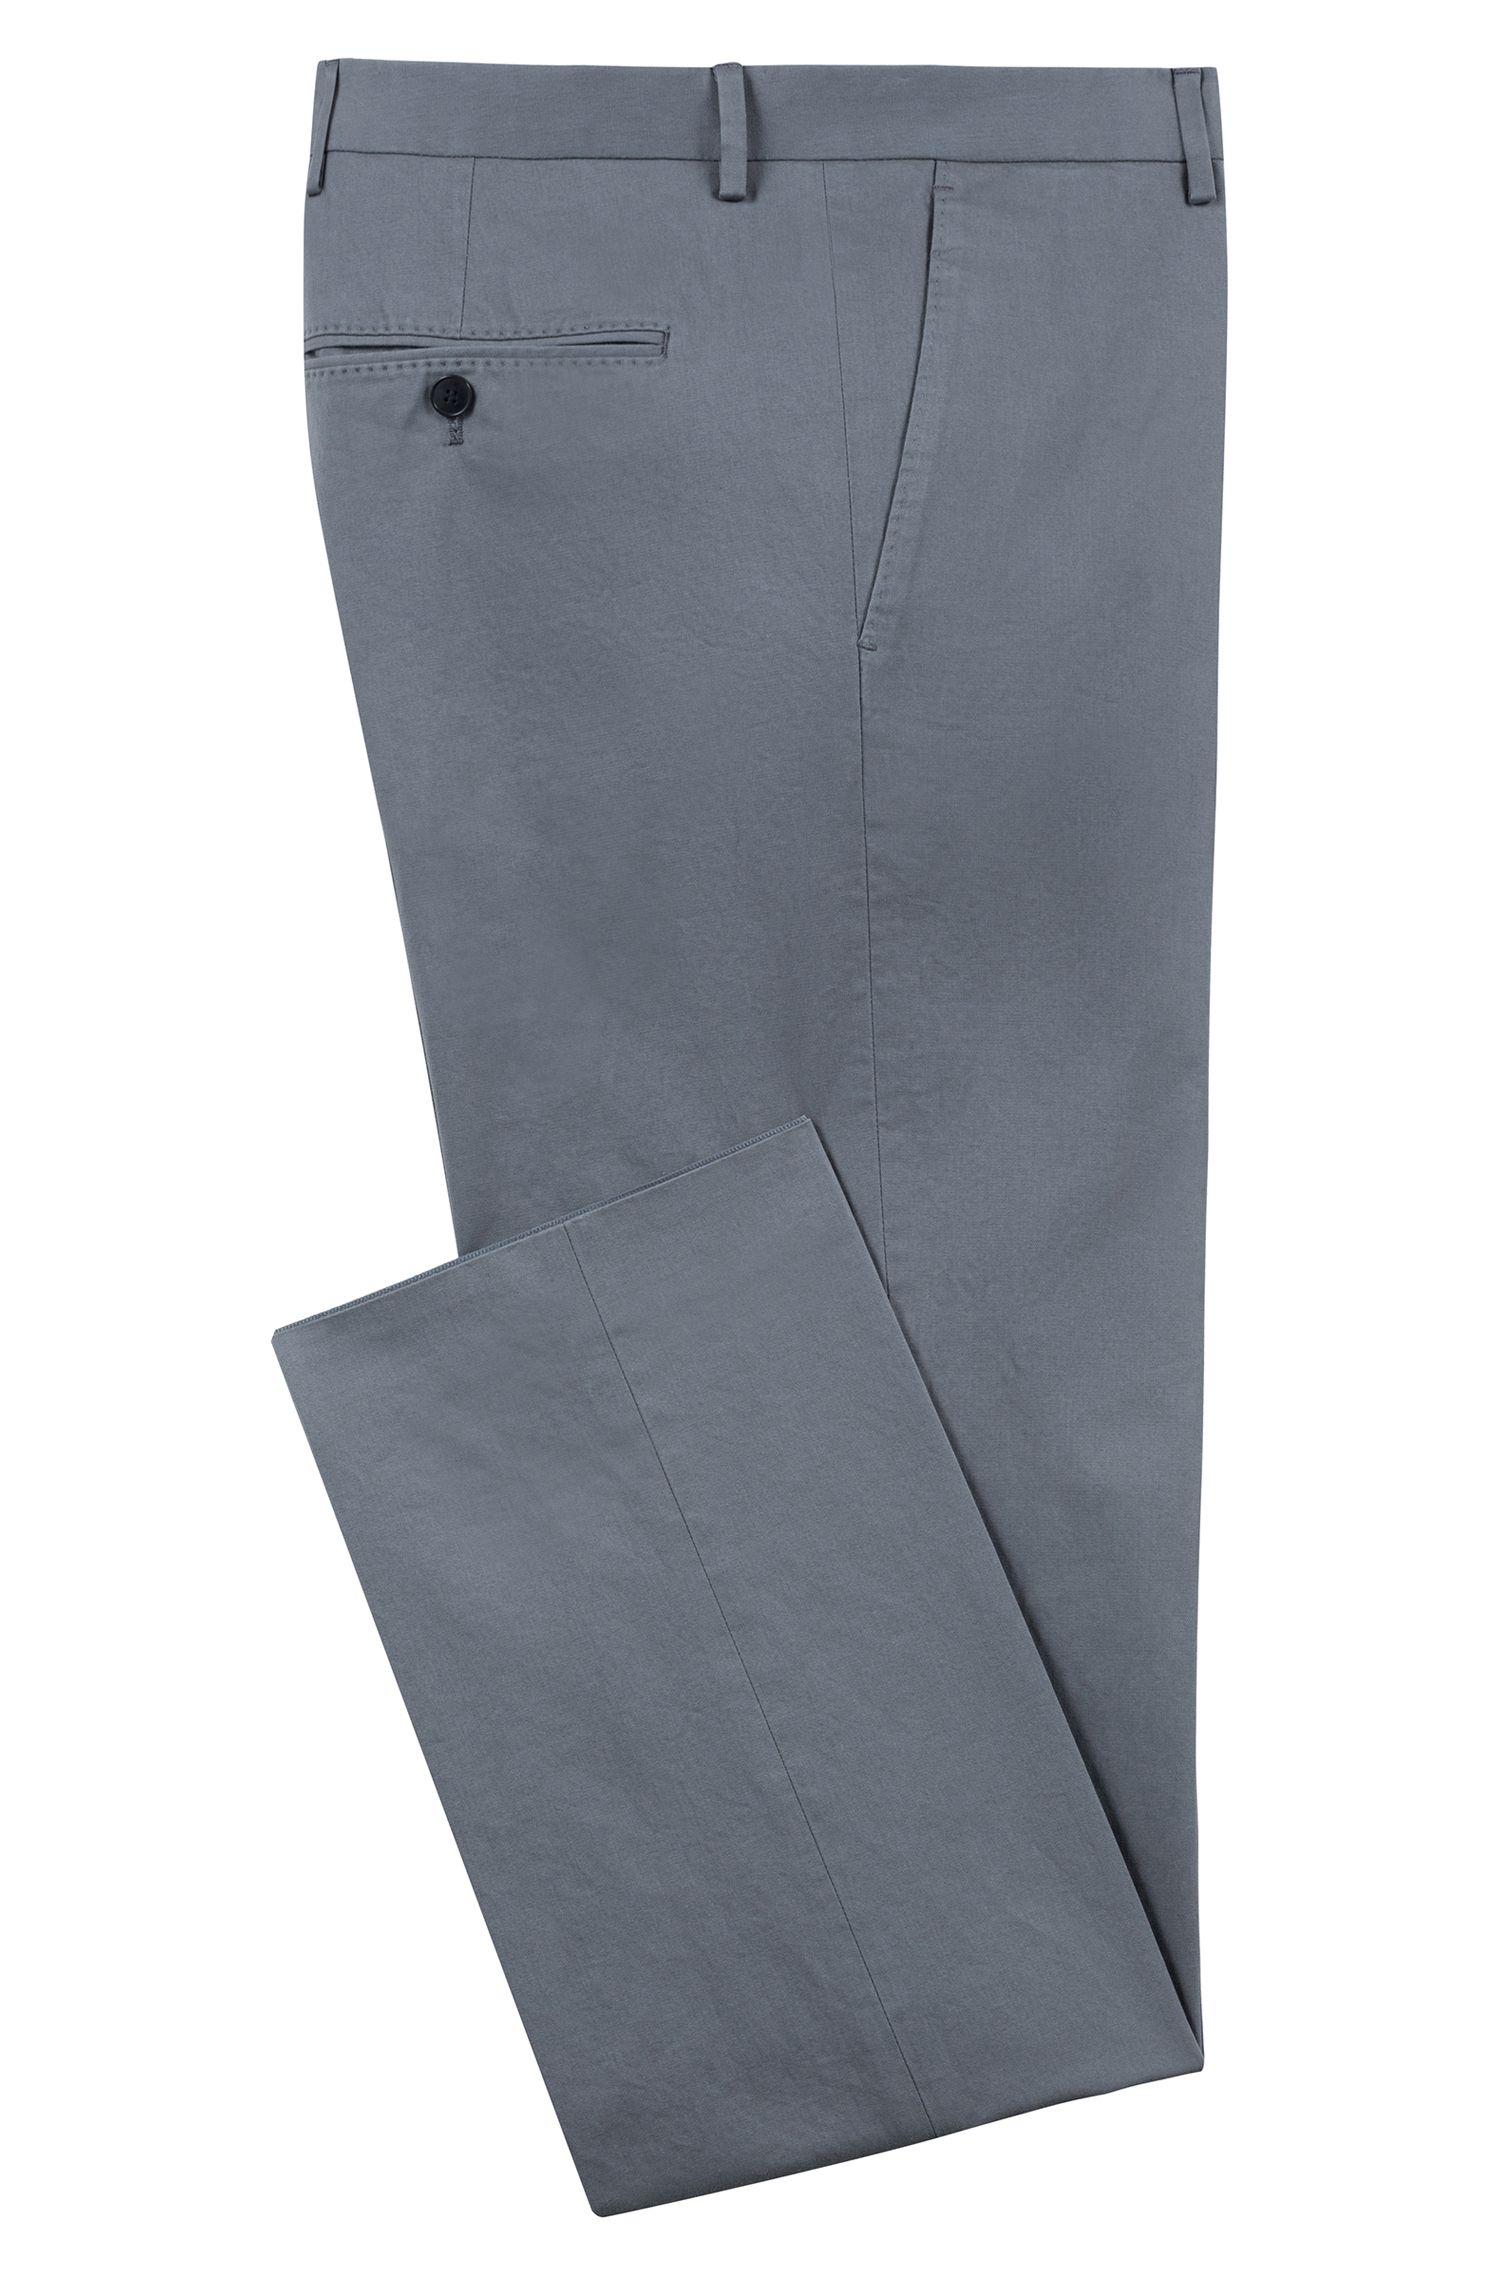 Pantalon Regular Fit en coton stretch lavé, Gris sombre